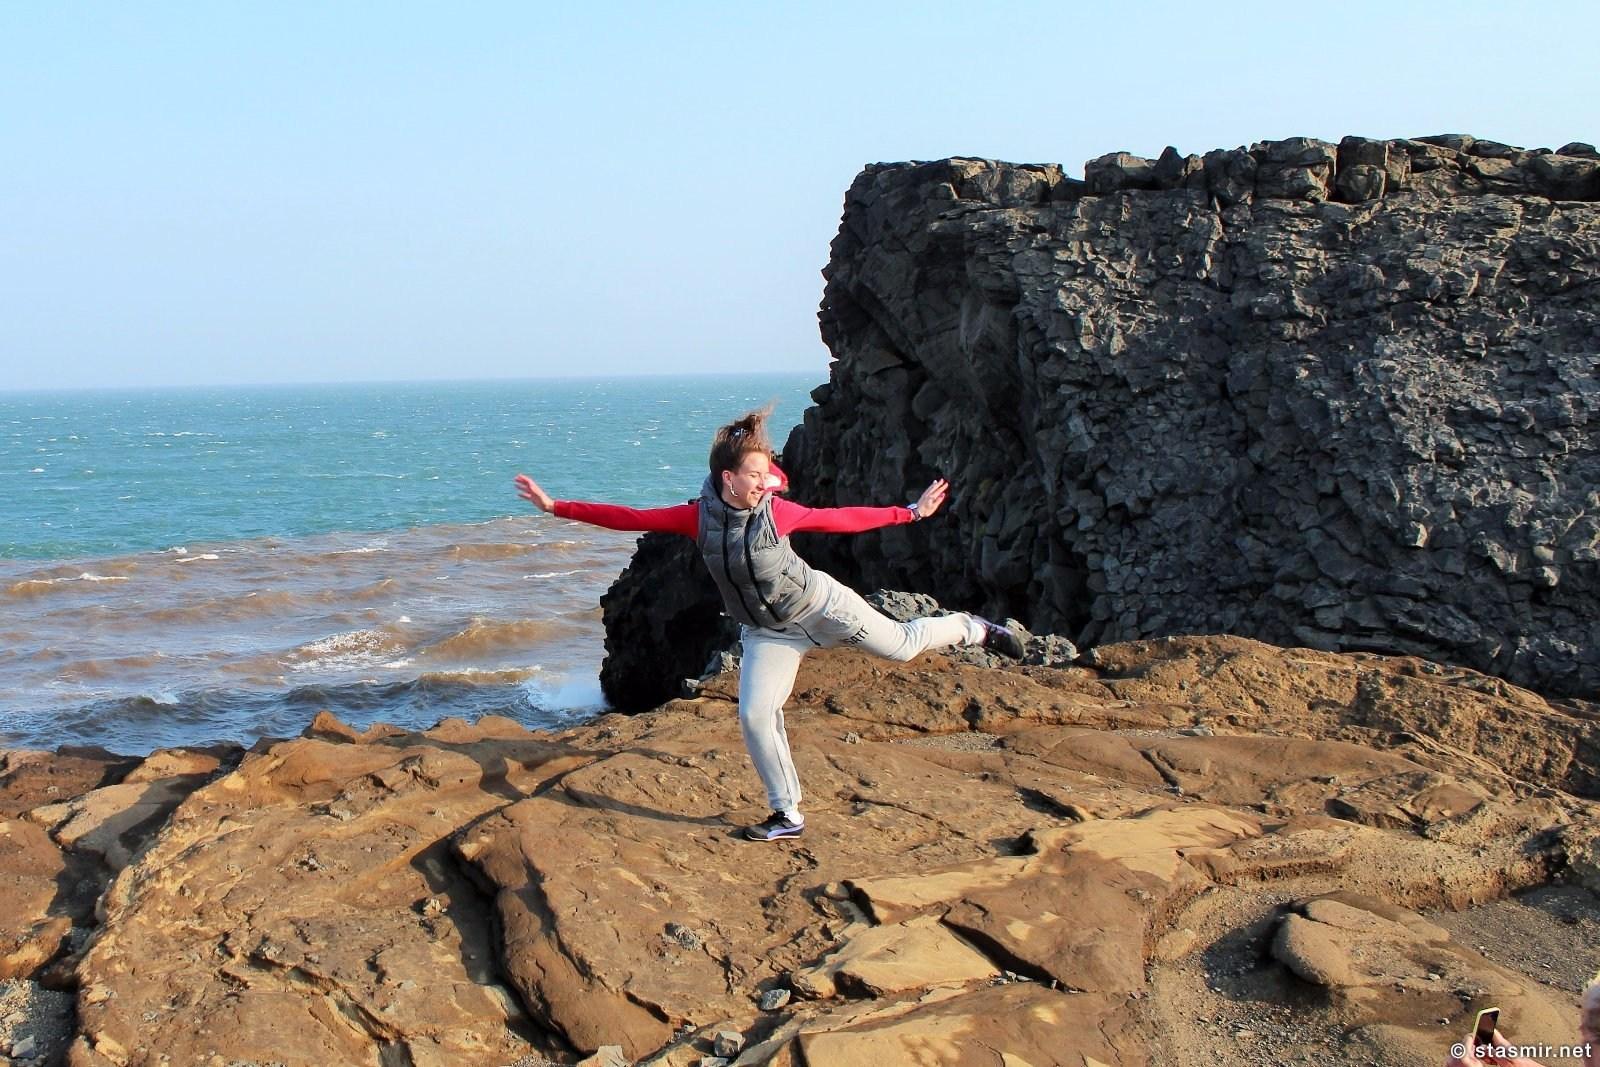 танец девушки на Дирхоулаэй, Южный Берег, Исландия. фото Стасмир